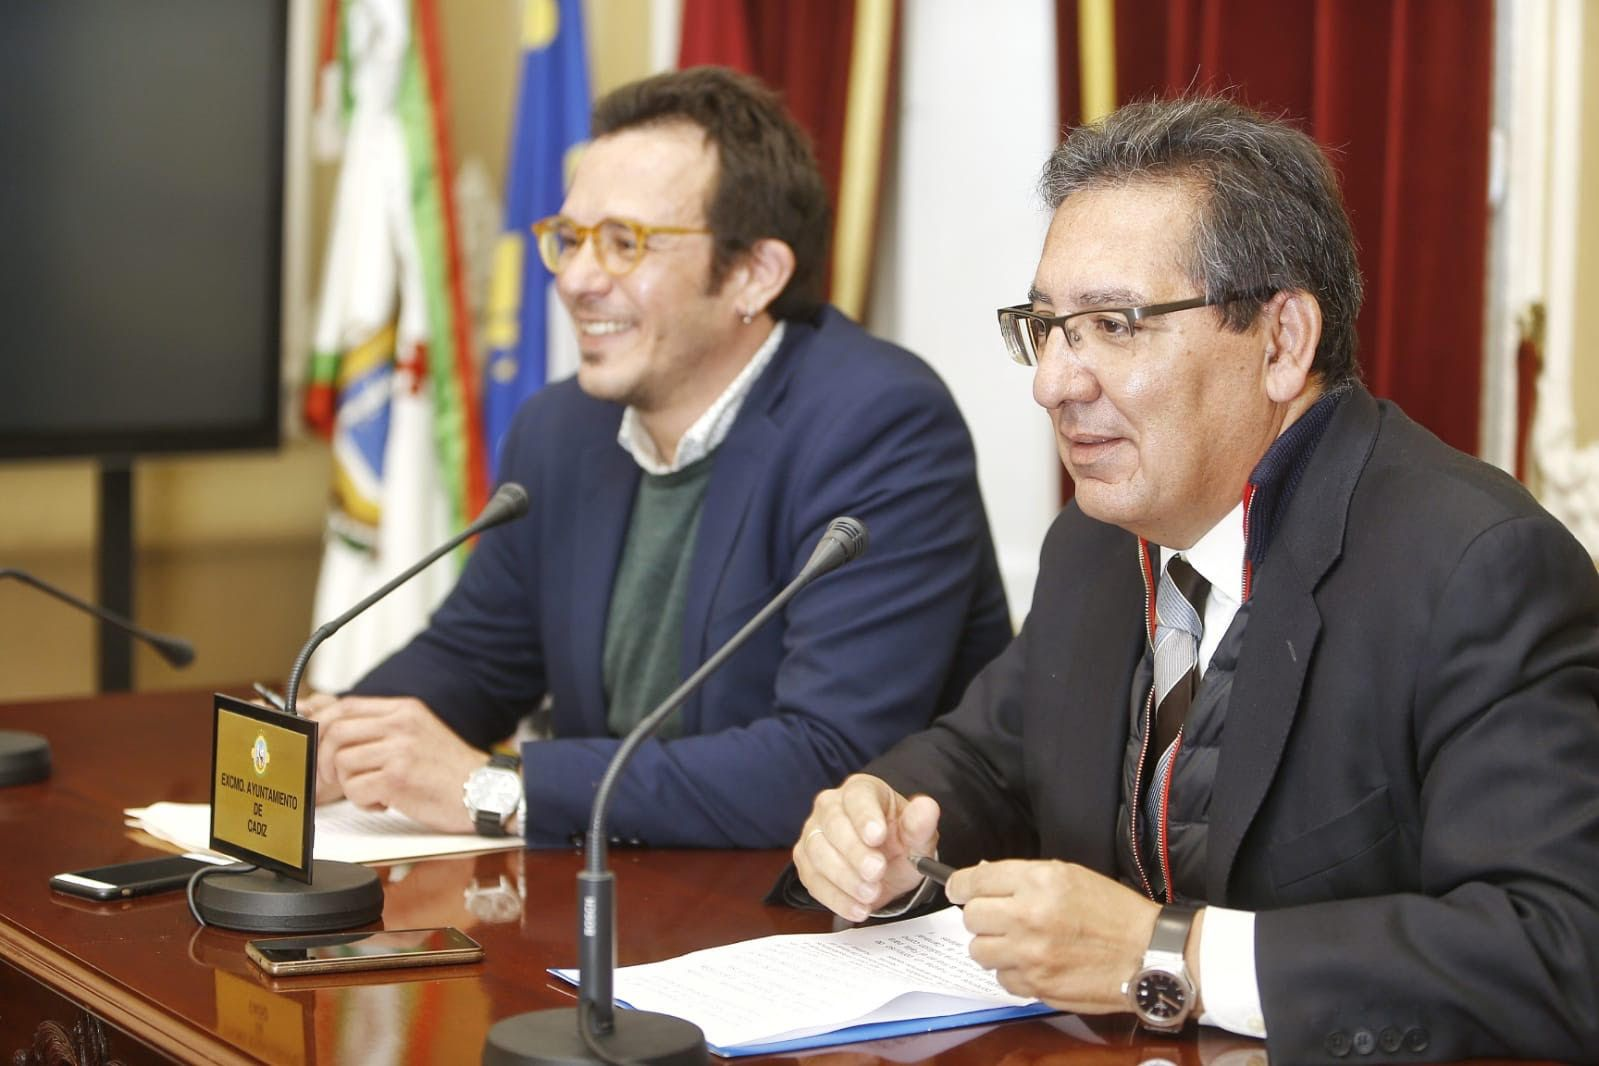 Antonio Pulido Gutierrez y Jose Maria Gonzalez Kichi